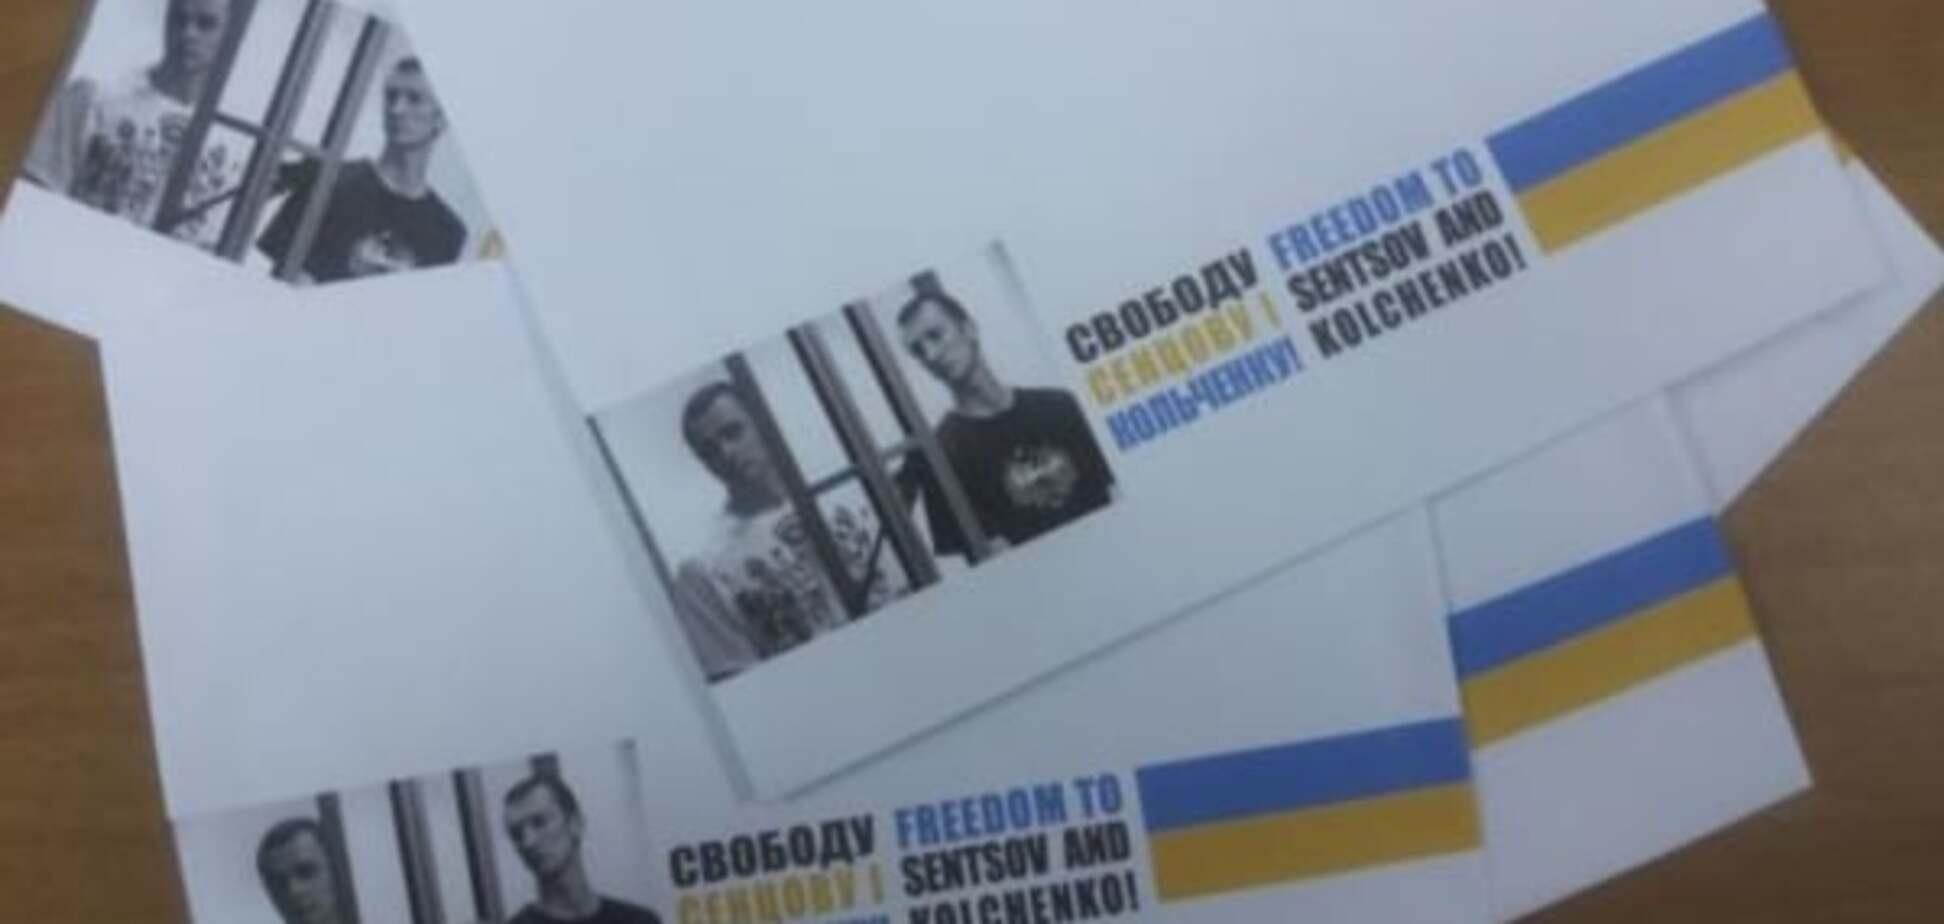 В Україні знайшли ще один спосіб боротися за Сенцова і Кольченка: фотофакт